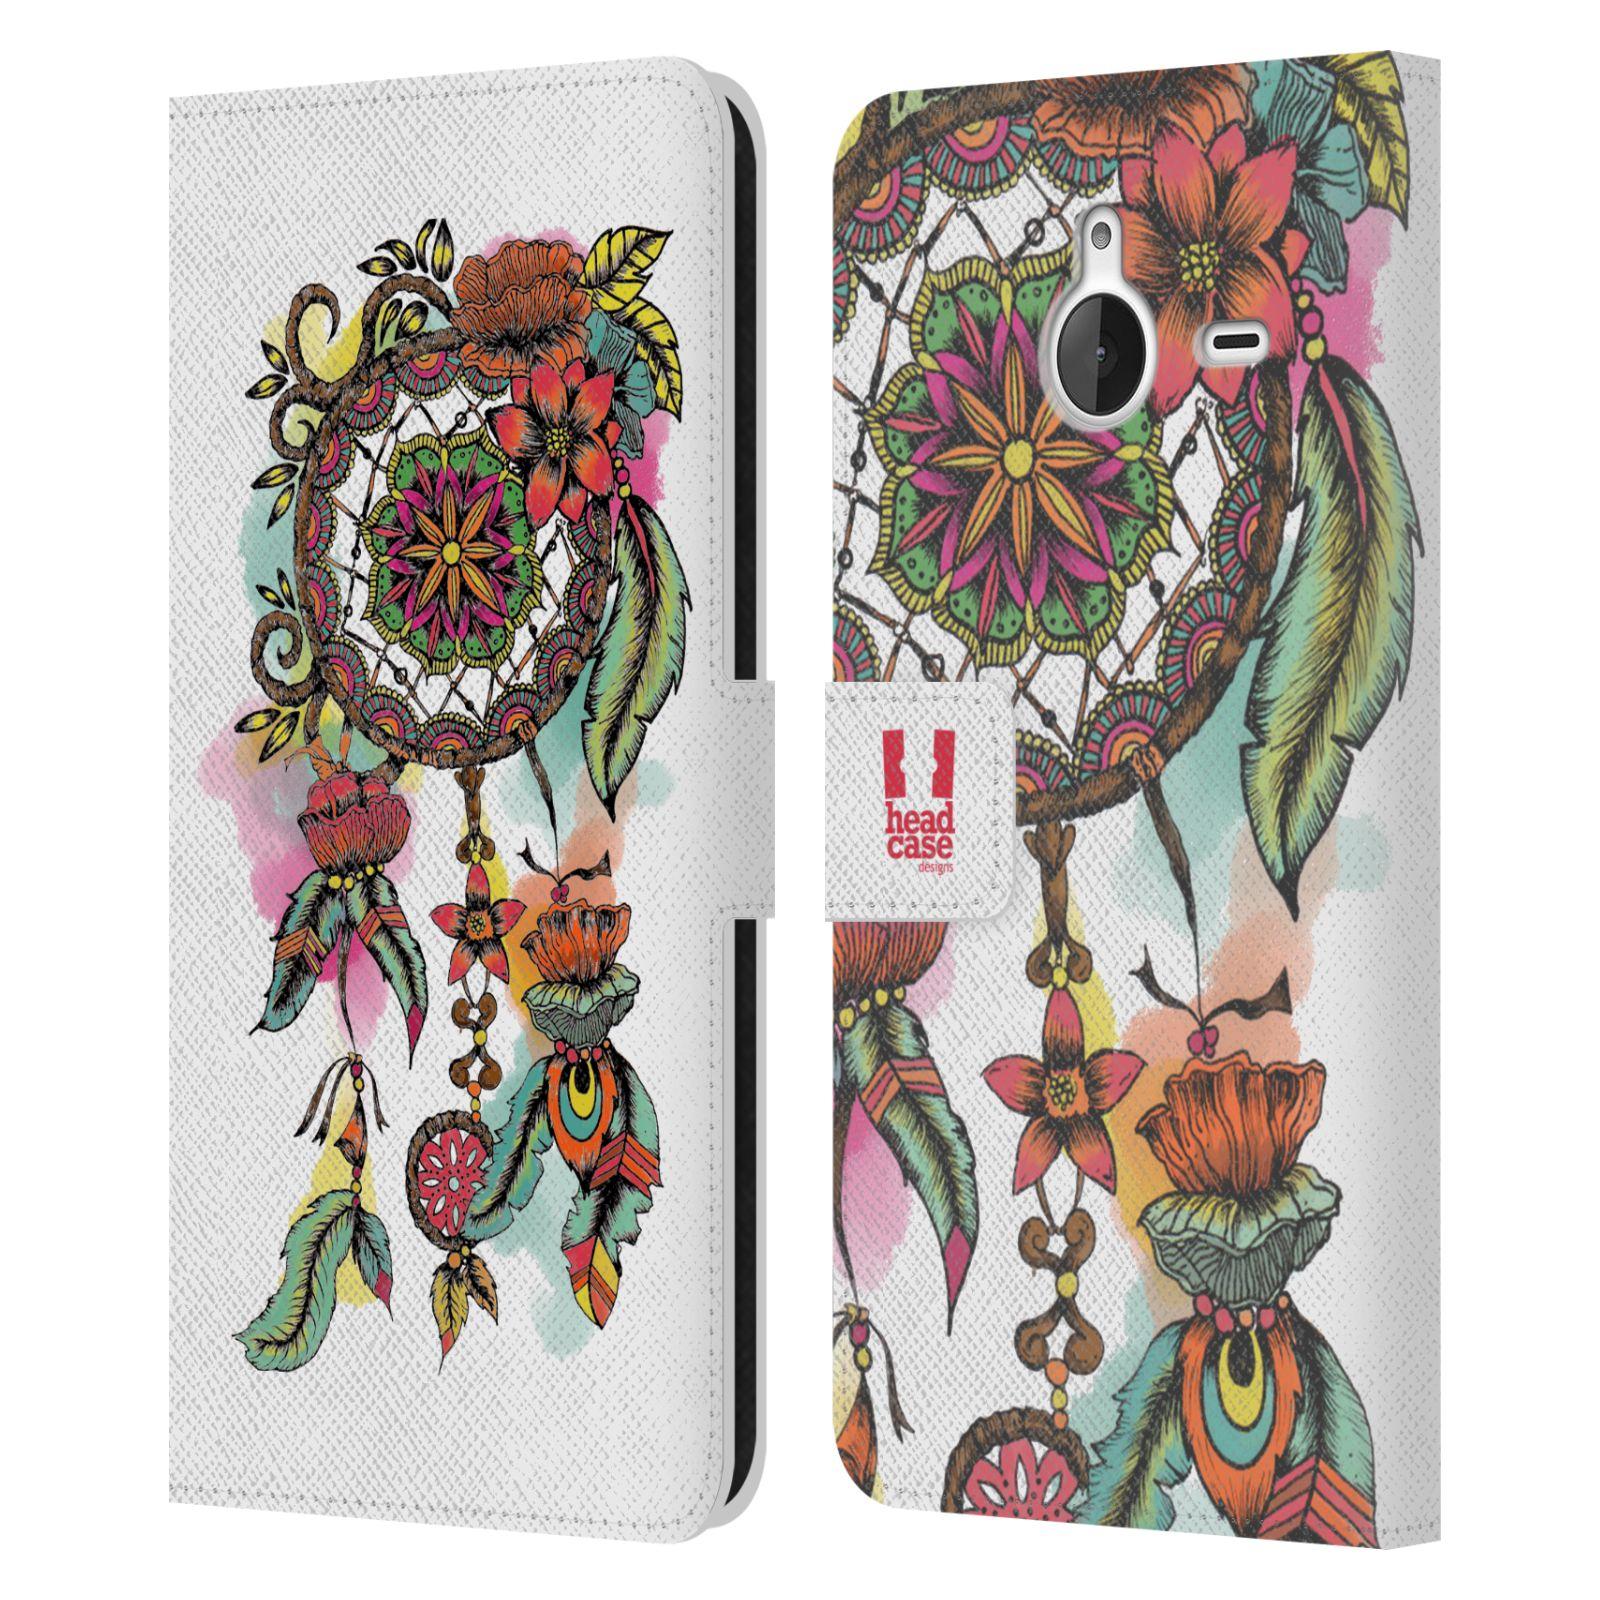 Pouzdro na mobil Nokia Lumia 640 XL - Head Case - Lapač snů květy červená